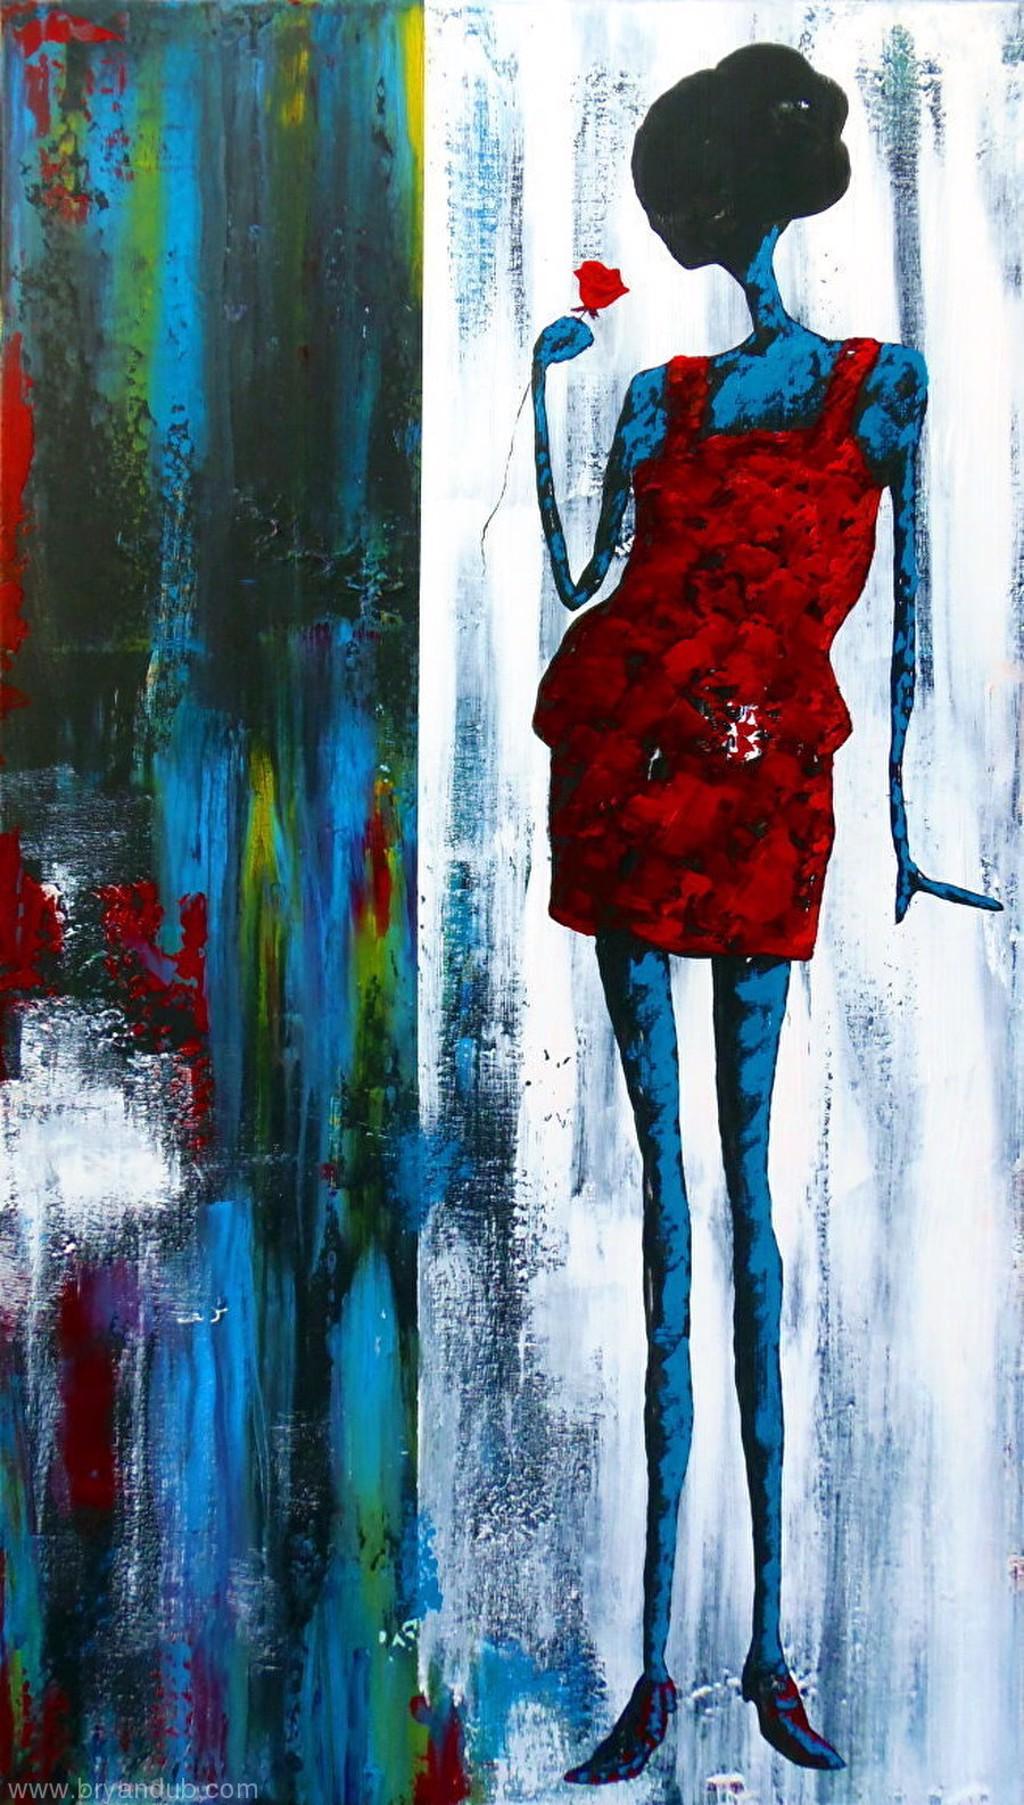 La Rosa by Bryan Dubreuiel